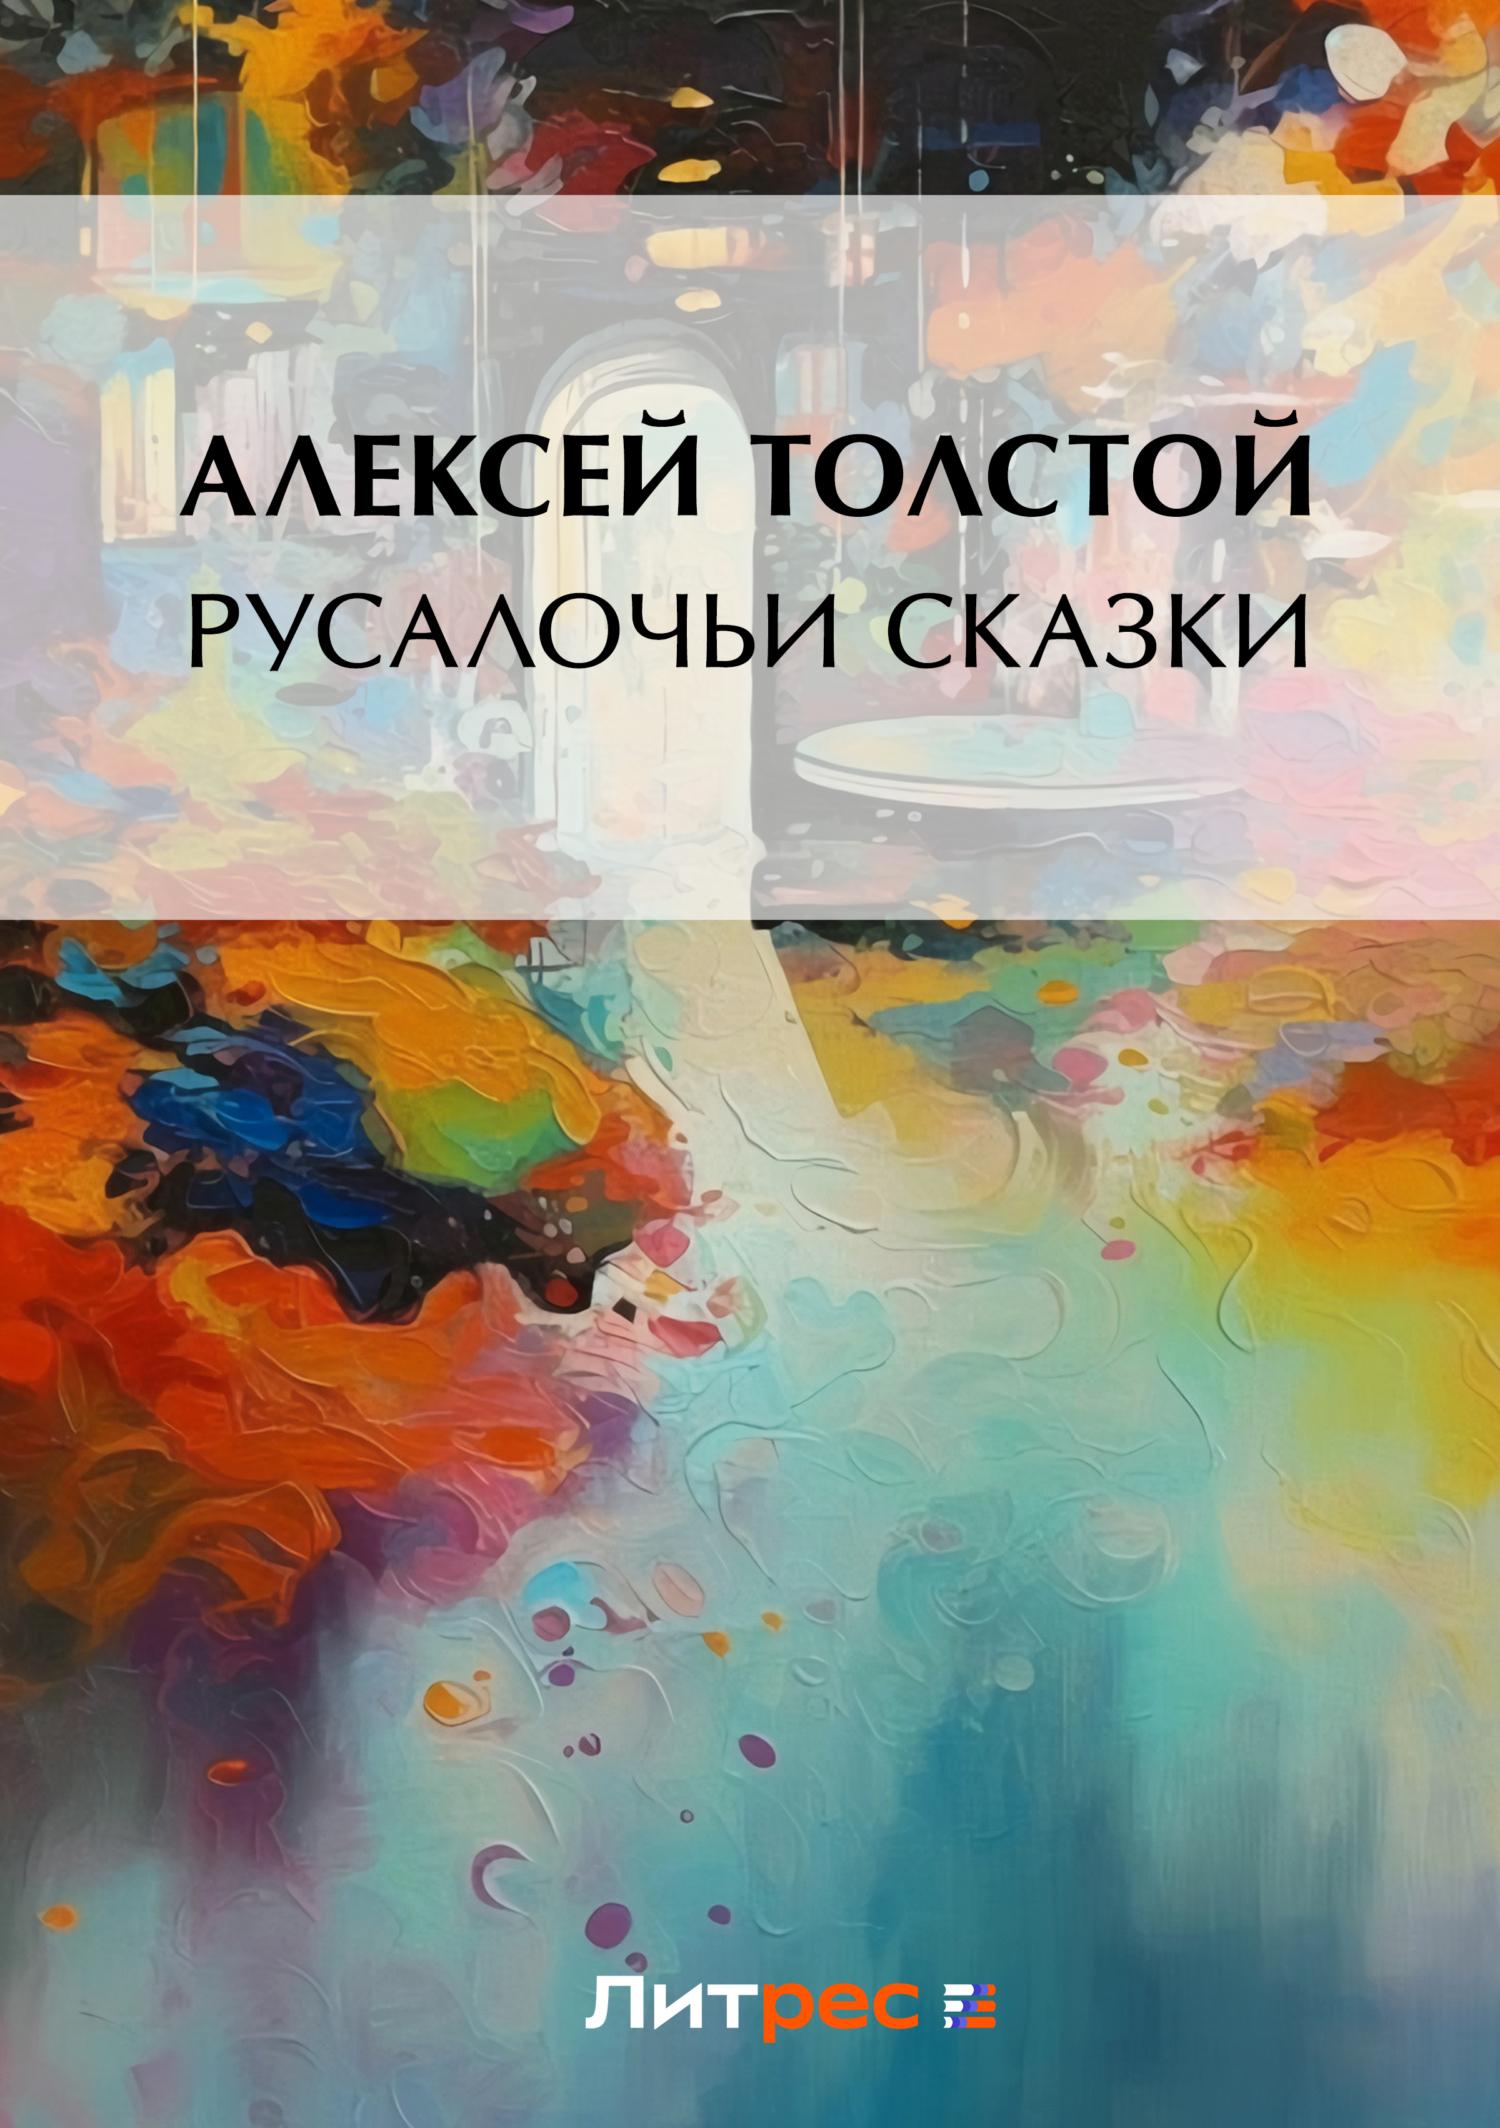 Алексей Толстой Русалочьи сказки алексей толстой семья вурдалака мистические истории сборник